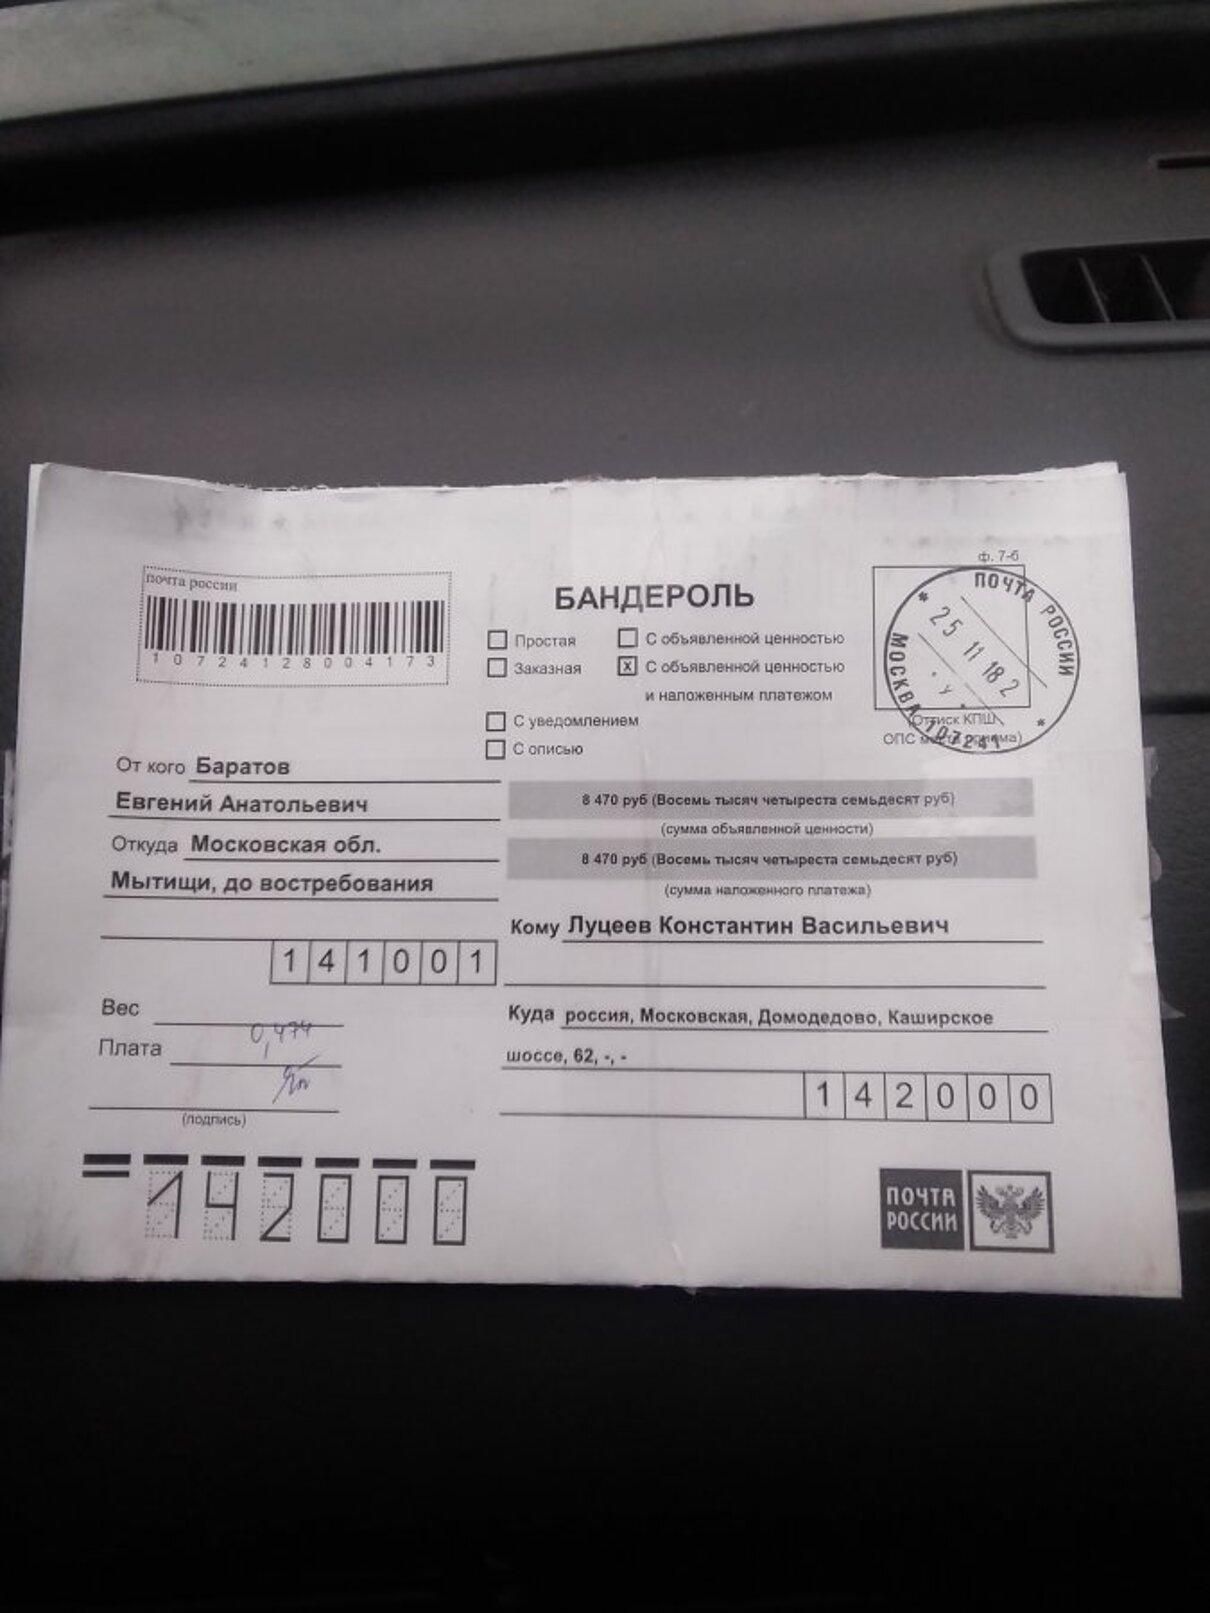 Жалоба-отзыв: Tvshop.shop@yandex.ru Баратов Евгений Анатольевич - Не соответствует действительности.  Фото №2